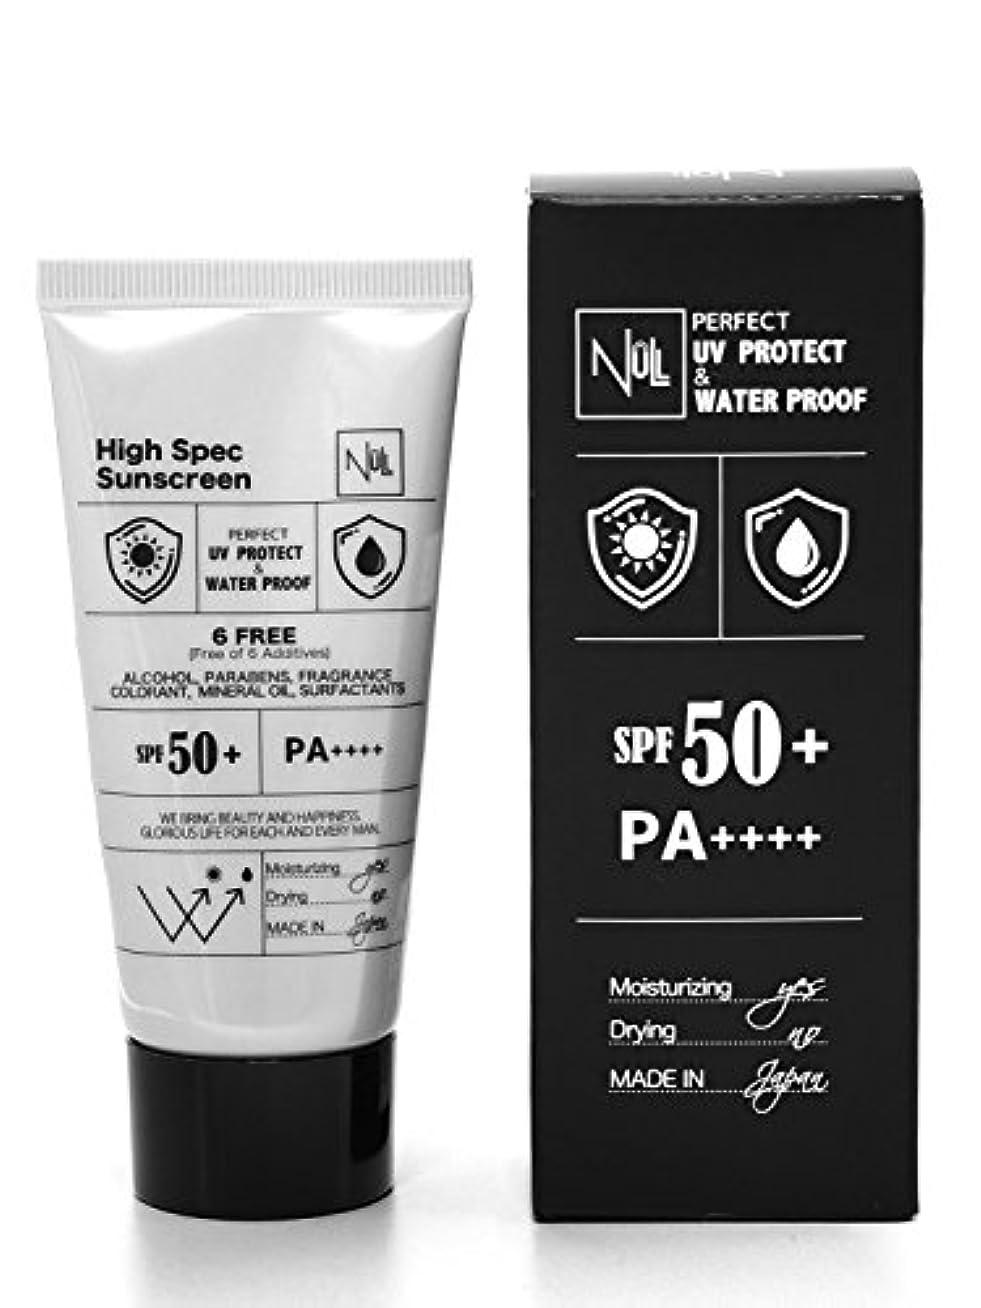 グリップアーティスト健康的NULL 日焼け止め メンズ ウォータープルーフ (顔 & 全身 用) SPF50+ PA++++ ロングUVA対応 40g (特殊製法で 汗/水 にめっぽう強い) (白くならない/クレンジング不要) スポーツ ゴルフ 用